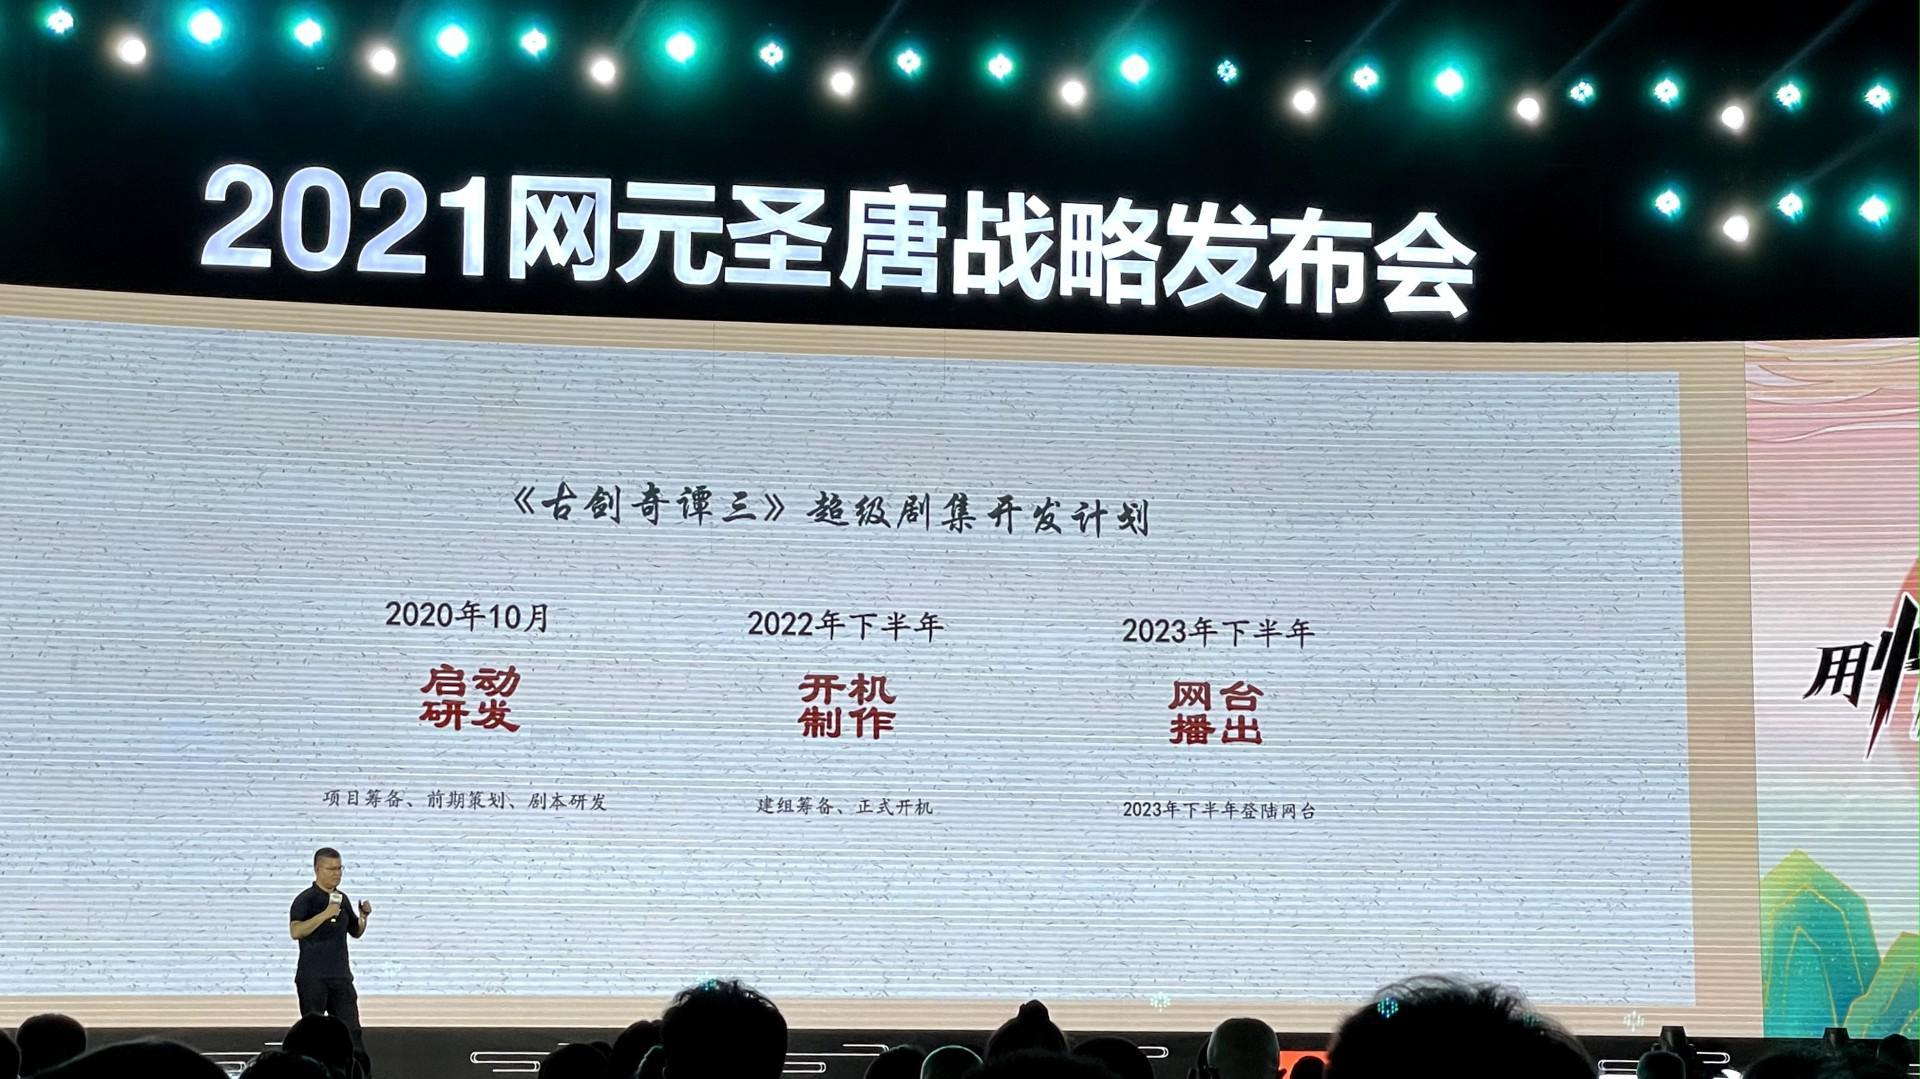 《古劍奇譚三》超級電視劇集專案公佈 投資過億 2023年播出